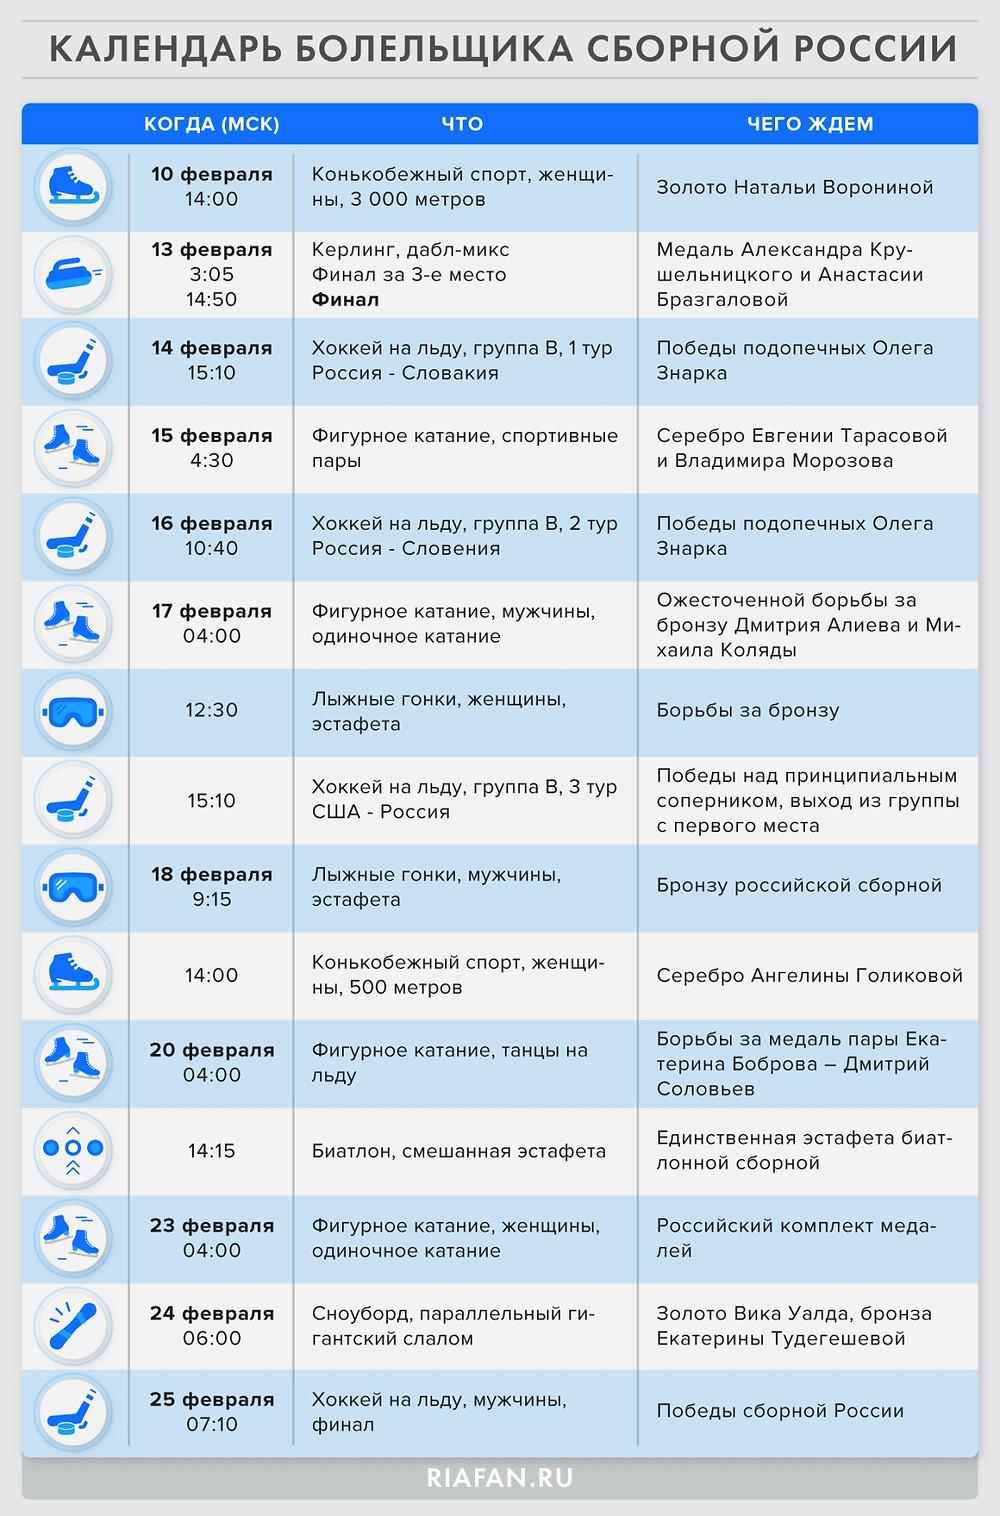 Карта болельщика сборной России на Олимпиаде/riafan.ru